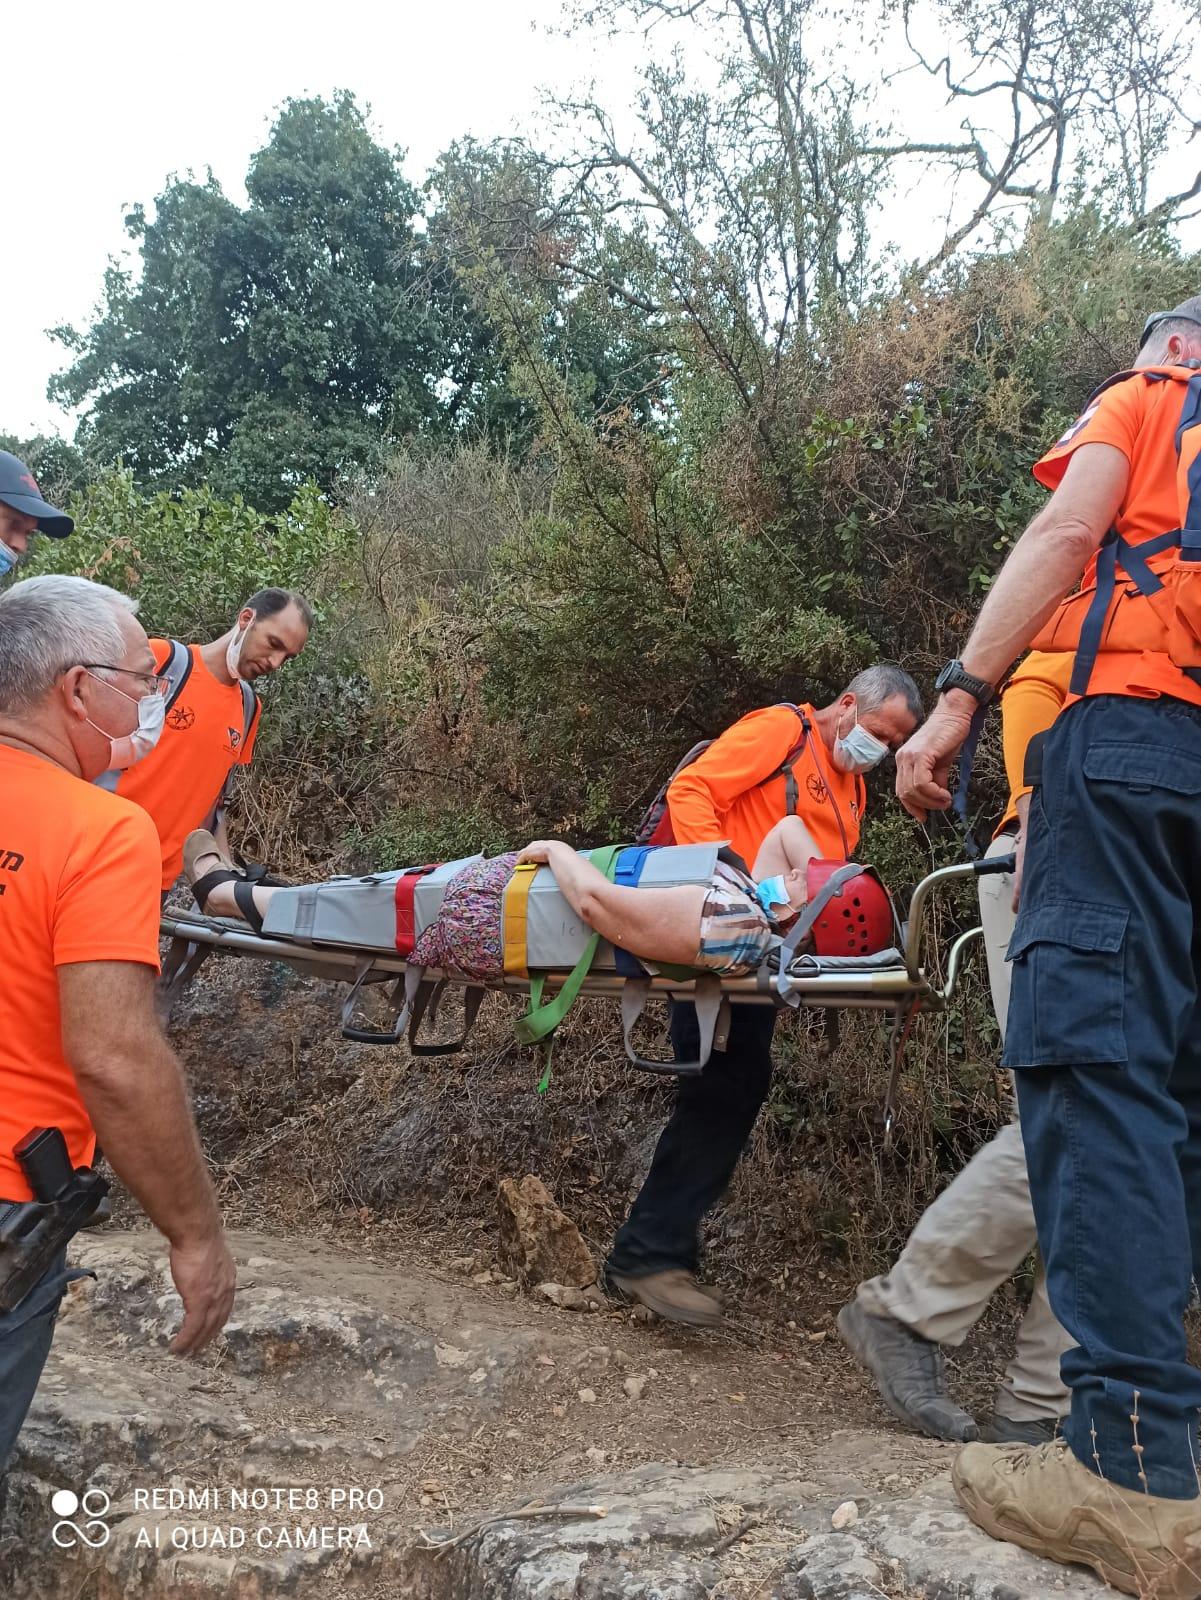 מתנדבי משטרת ישראל מיחידת החילוץ גליל – כרמל בחילוץ בנחל עמוד